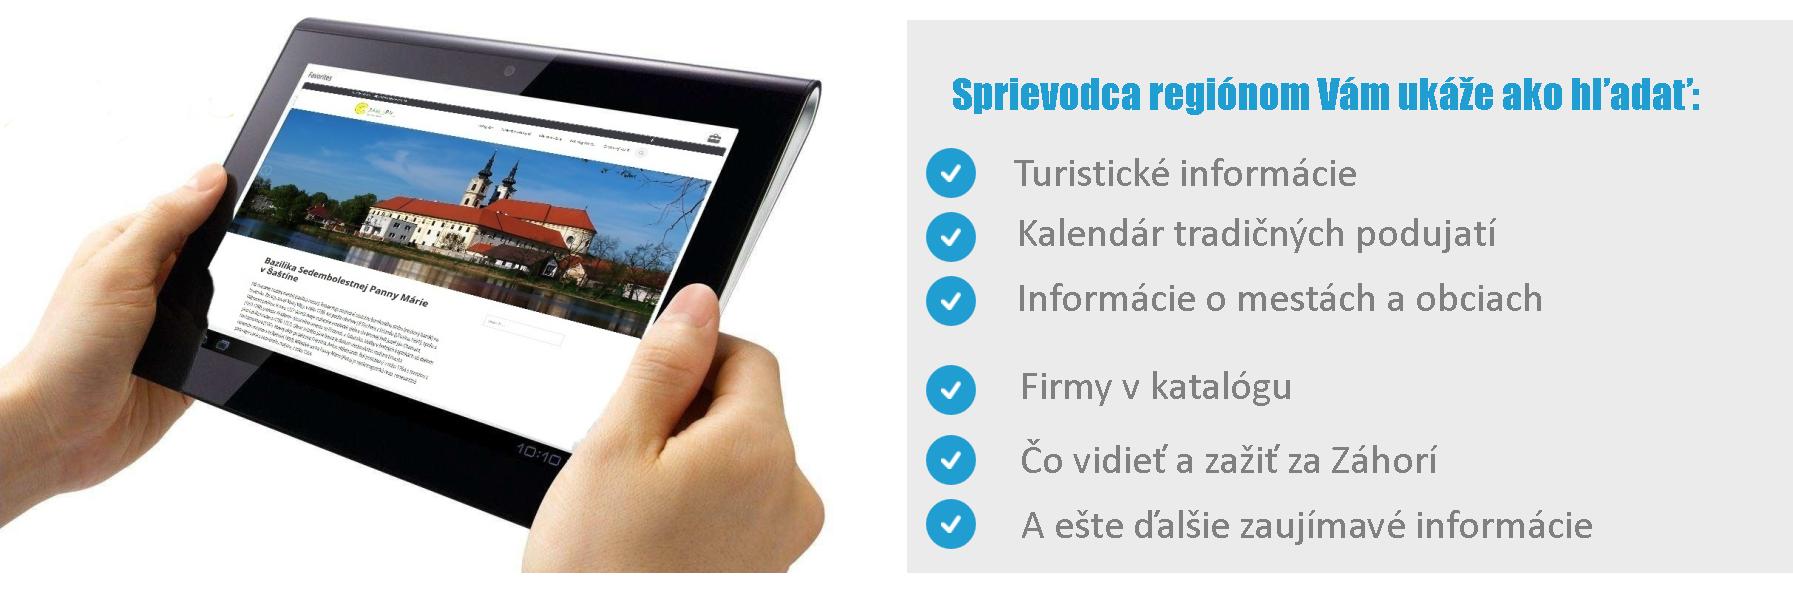 snimka-sprievodca-regionom-info